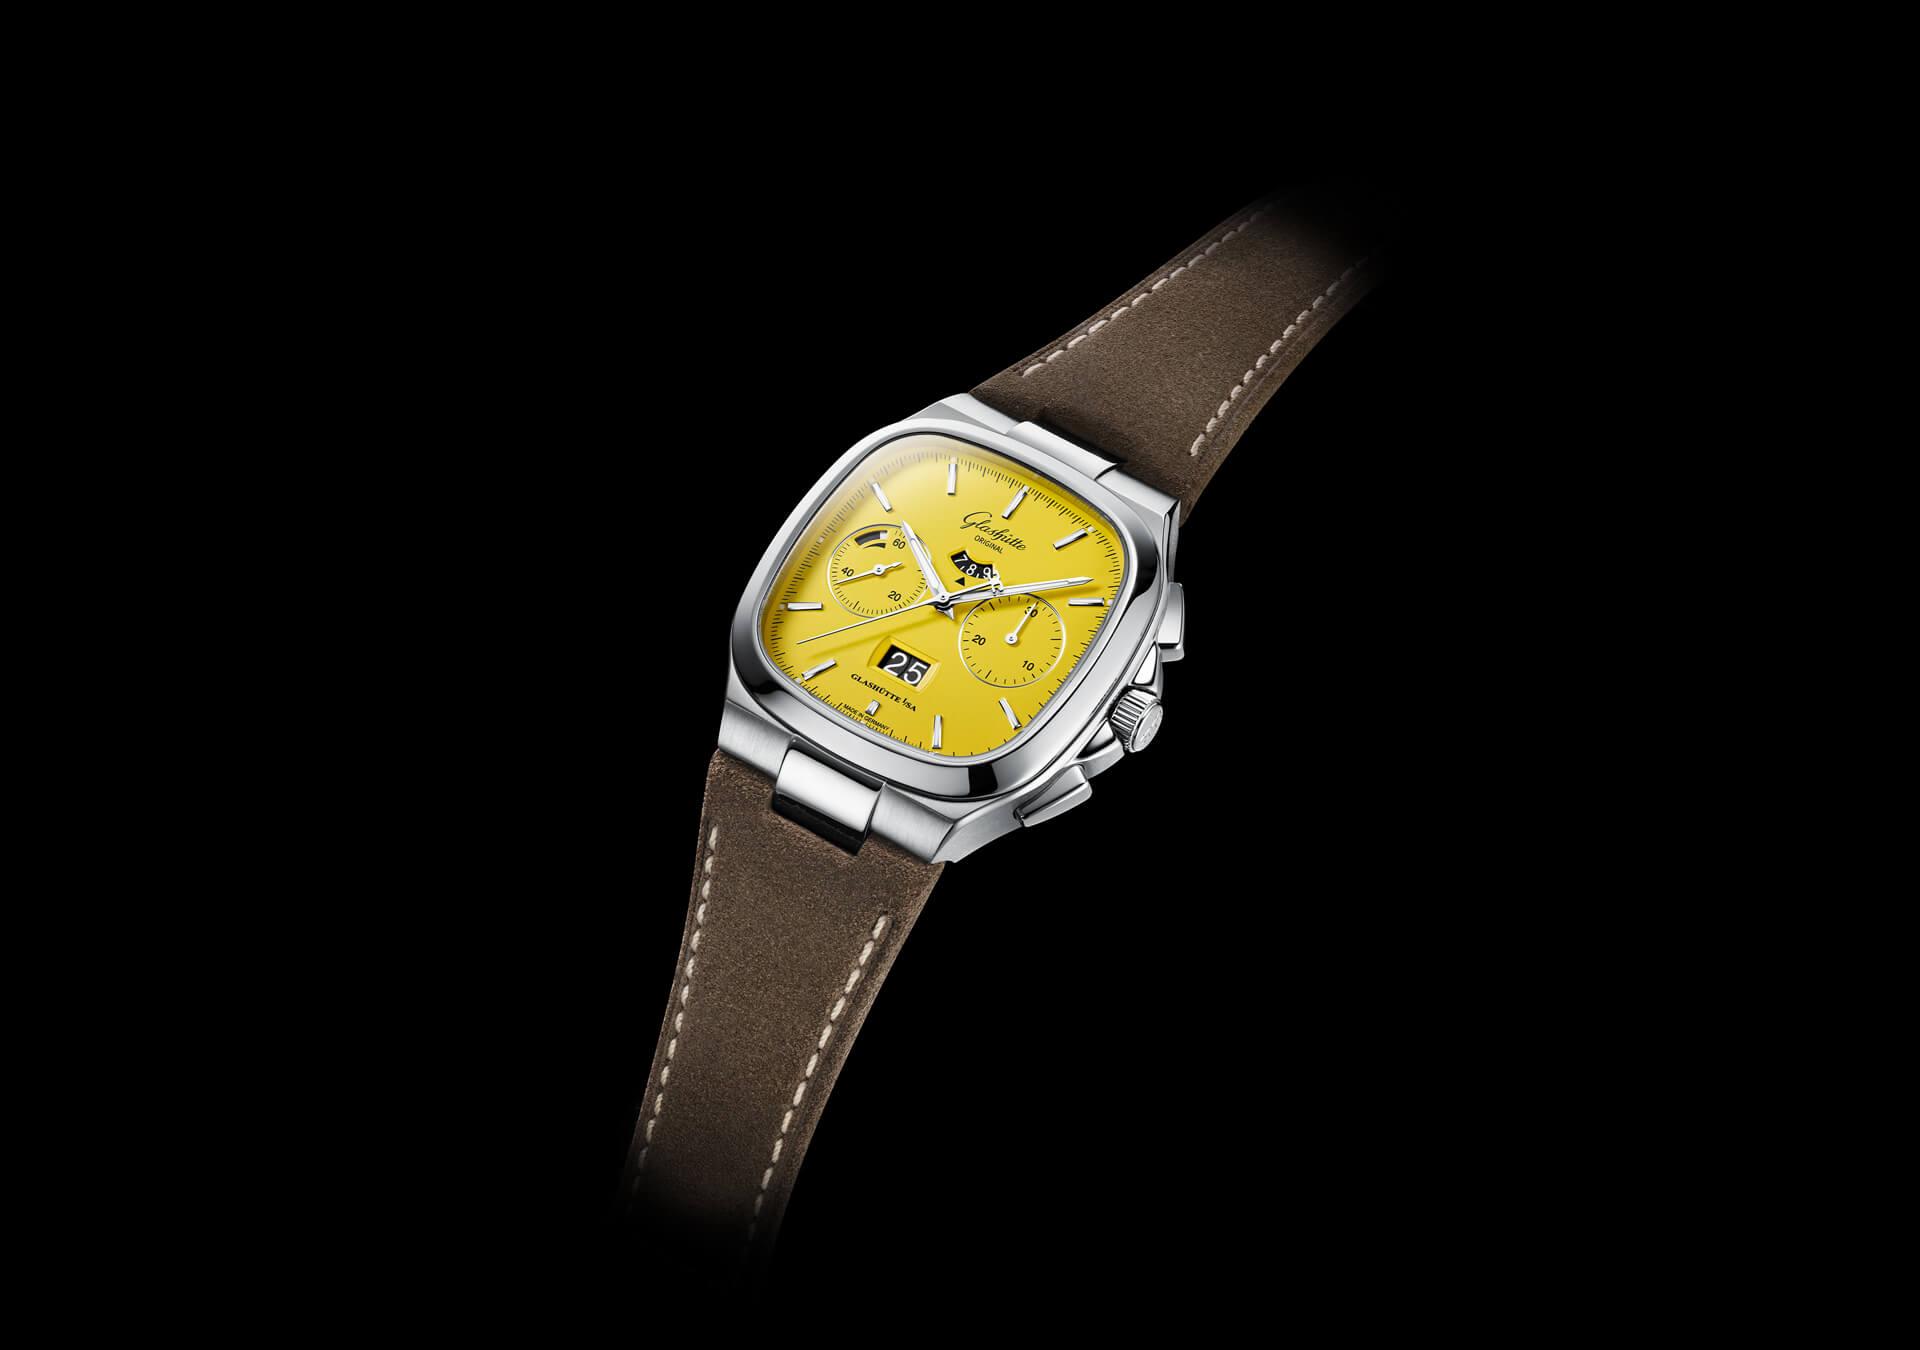 Glashütte Original Seventies Chronograph Panorama Date amarillo 1-37-02-07-02-35 Esfera